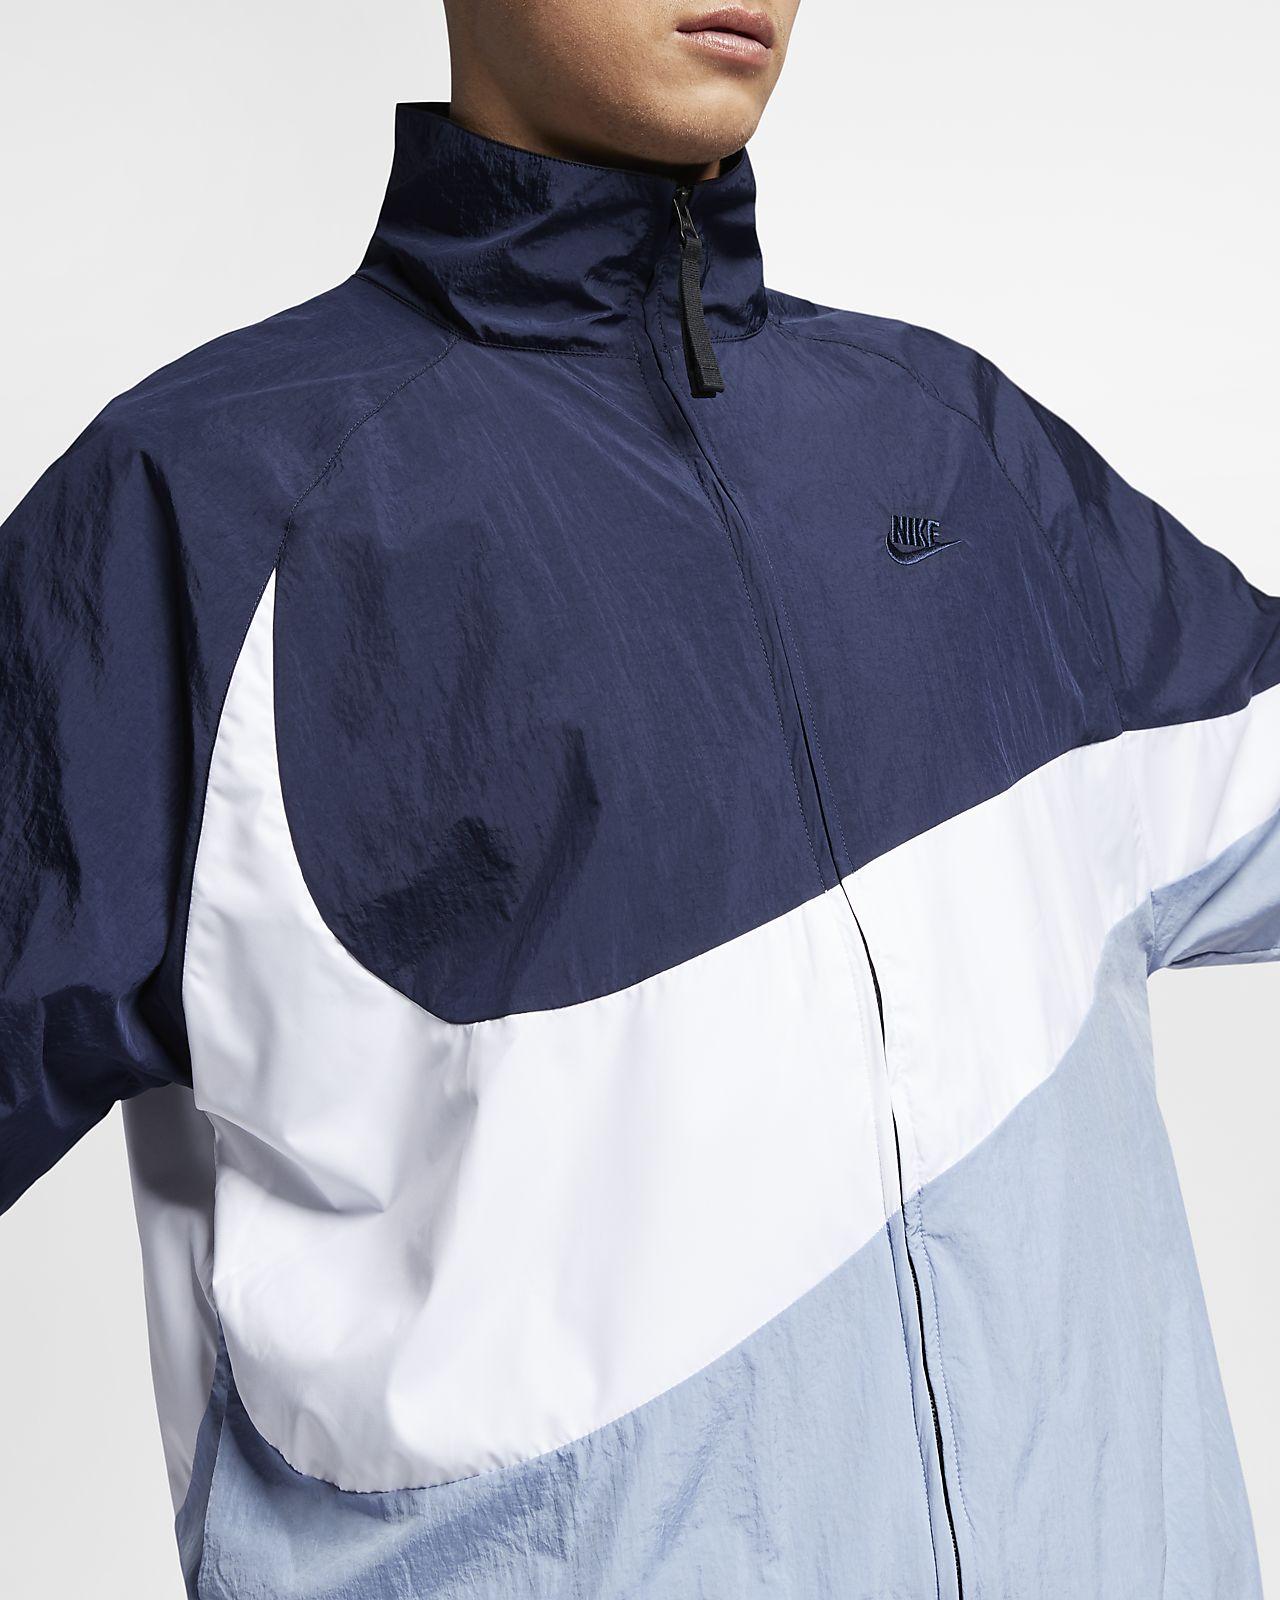 Nike Sportswear 'Swoosh' Woven Windbreaker